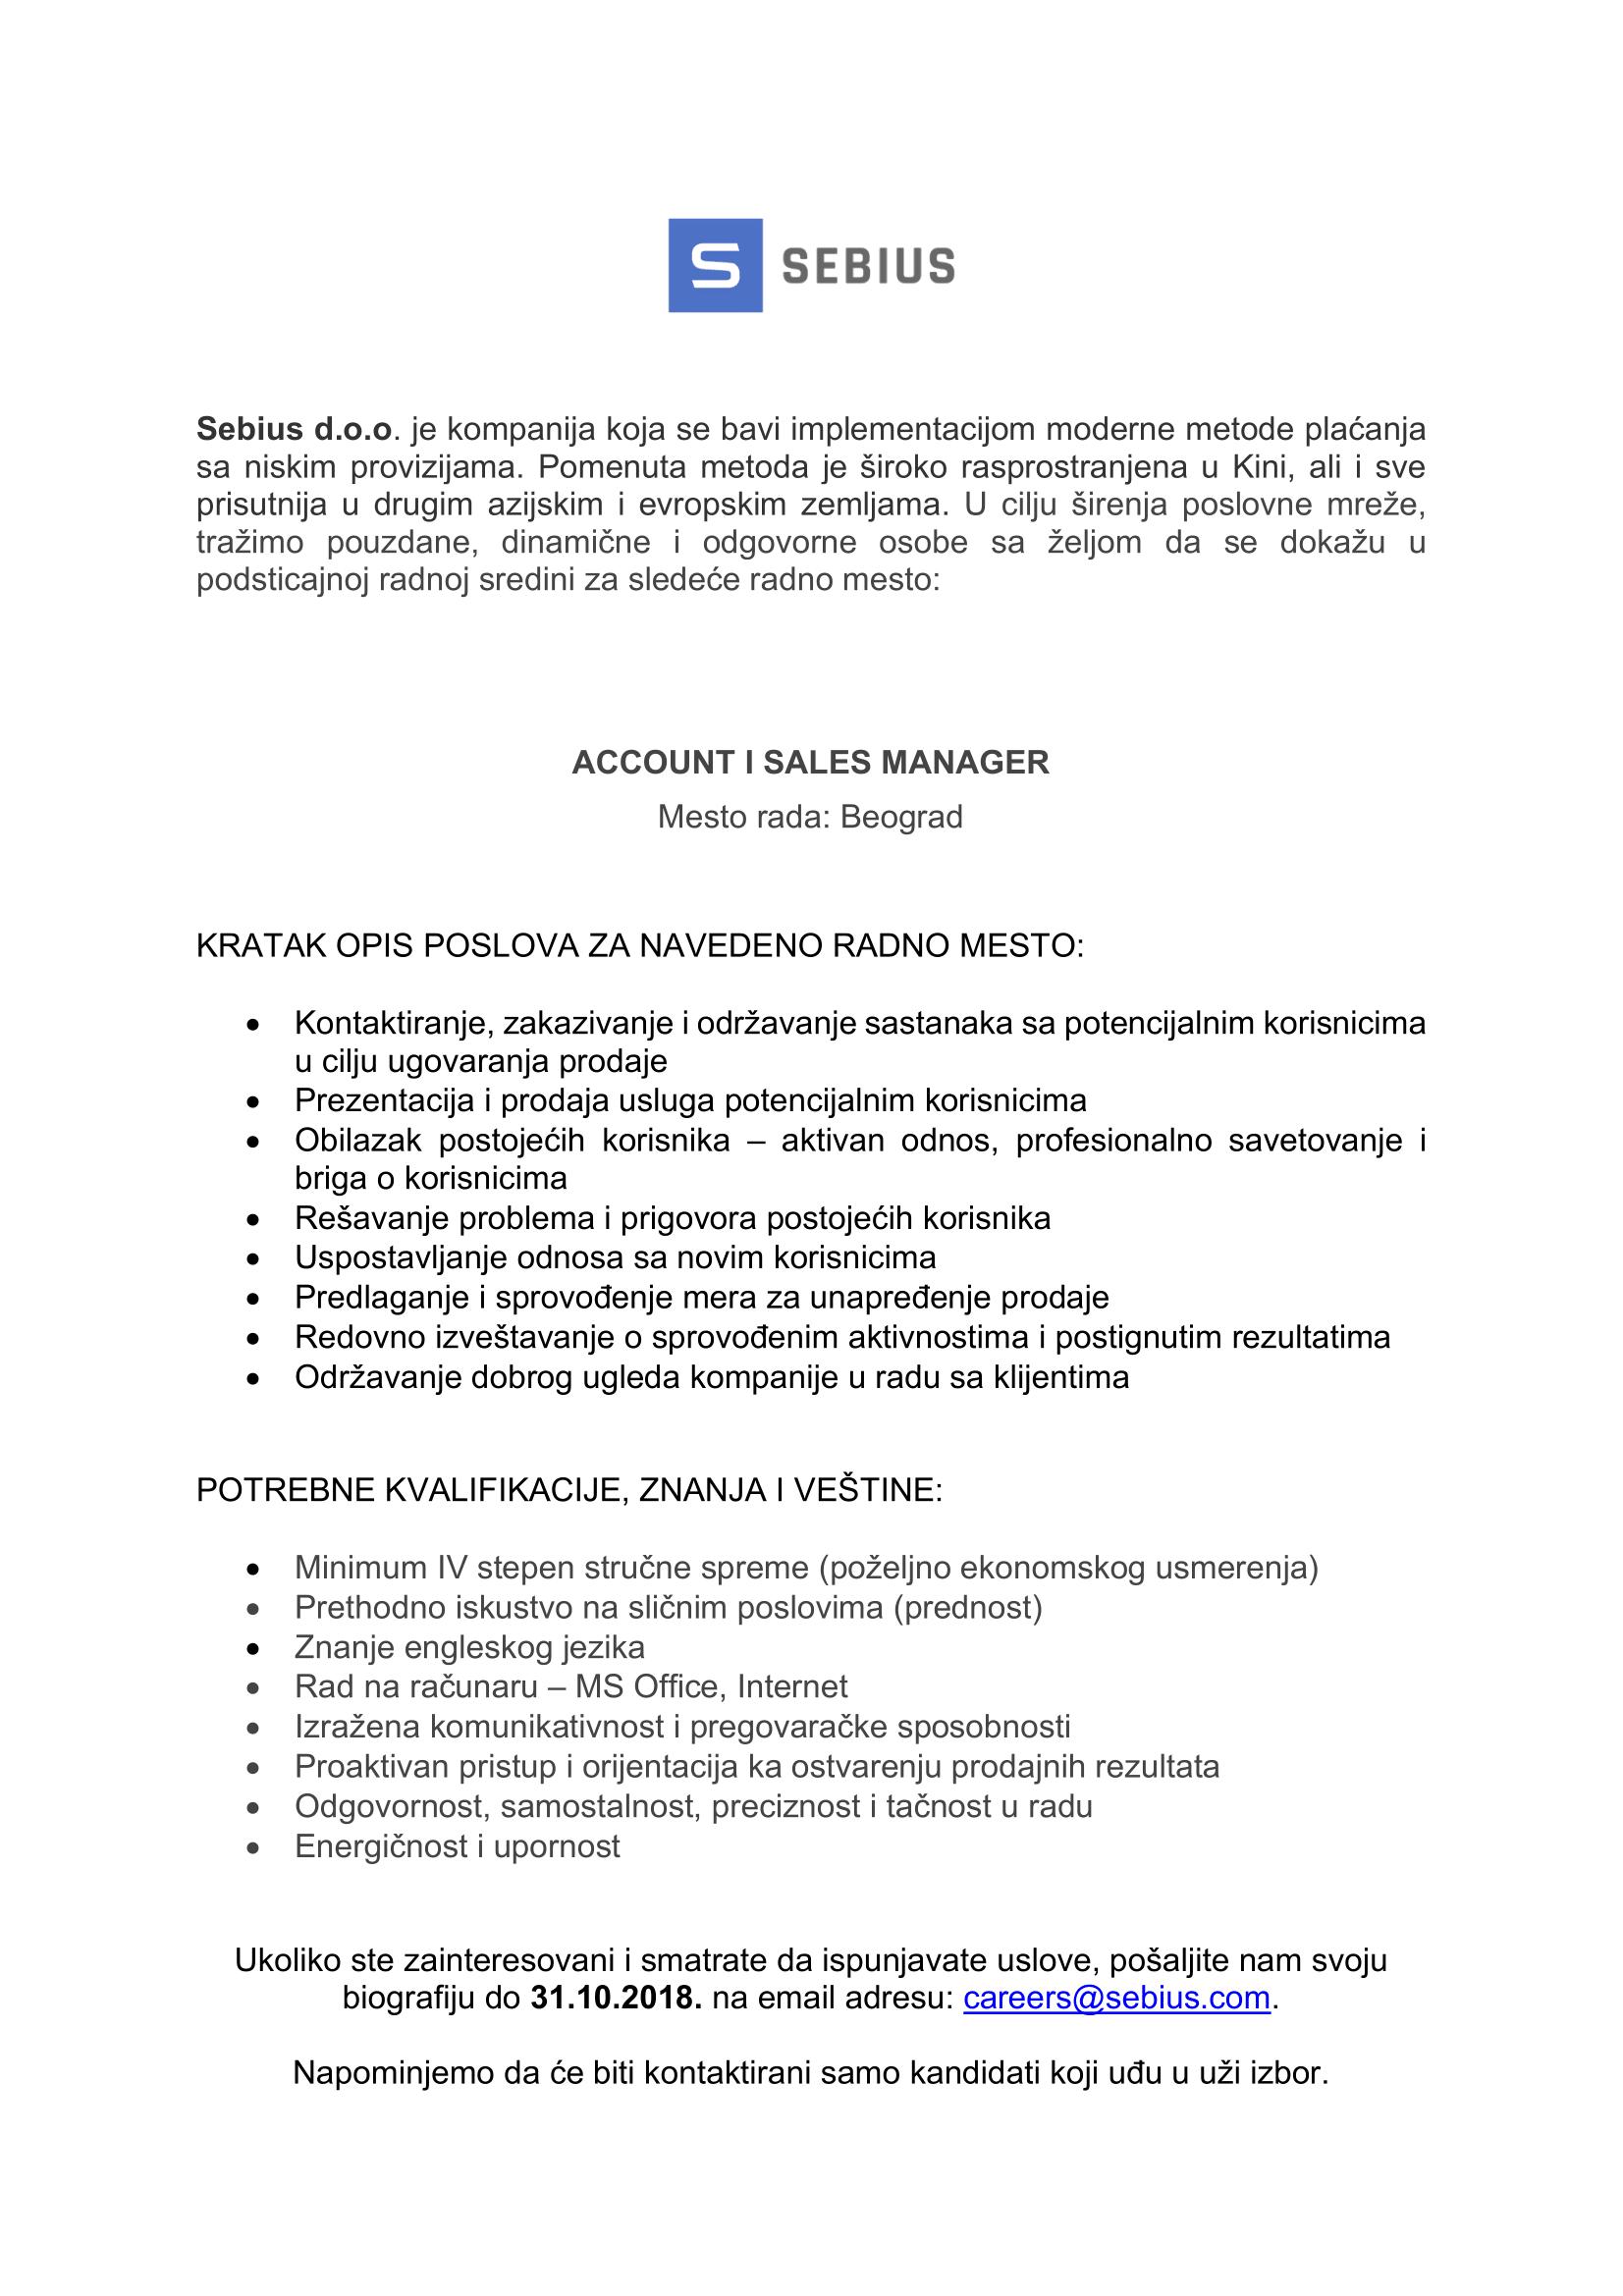 Oglas za posao za poziciju ACCOUNT I SALES MANAGER -1